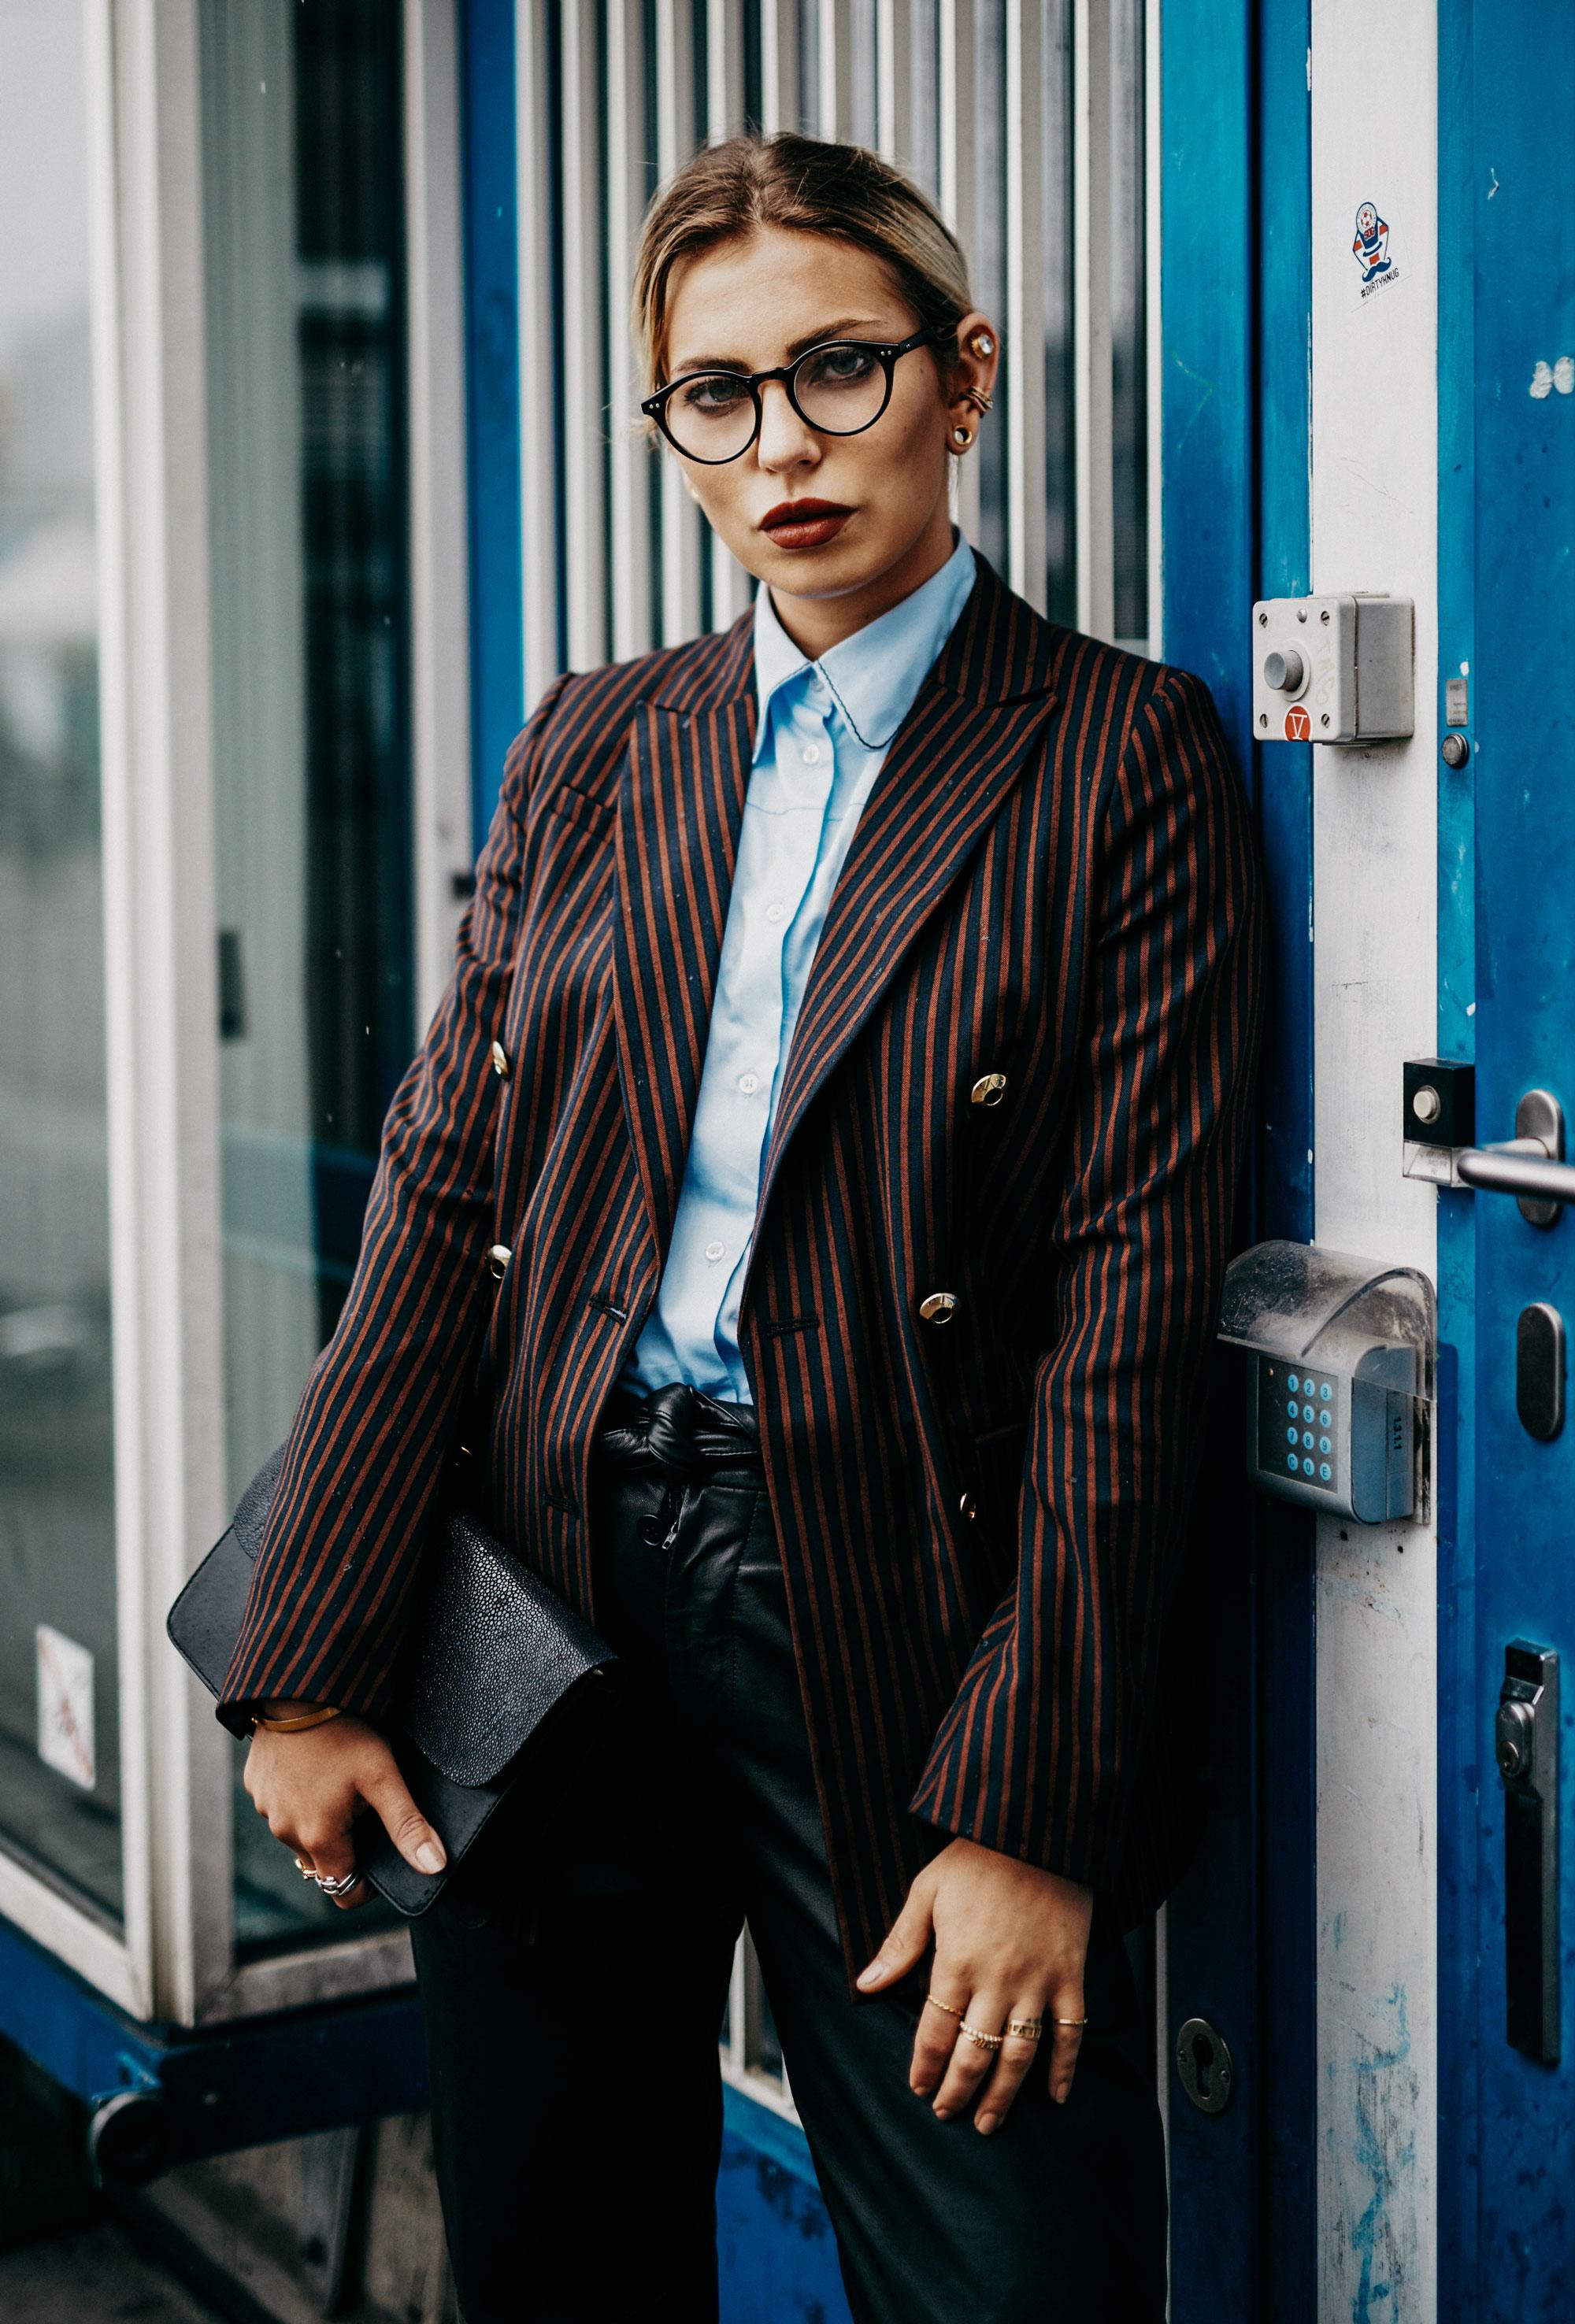 College, school, work style   edgy, formal   striped blazer and babyblue shirt from Baum & Pferdgarten